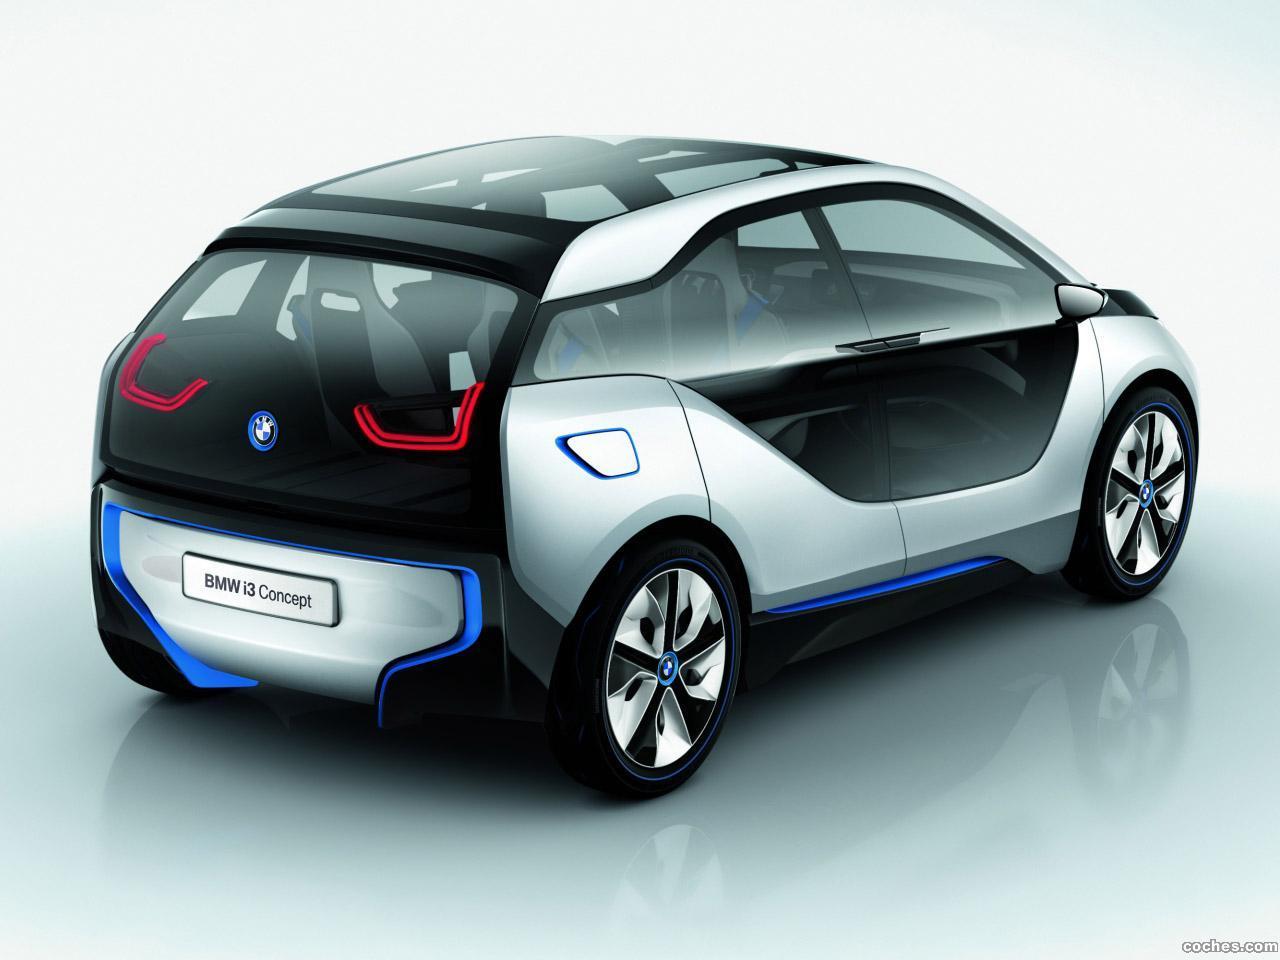 Foto 12 de BMW i3 Concept 2011